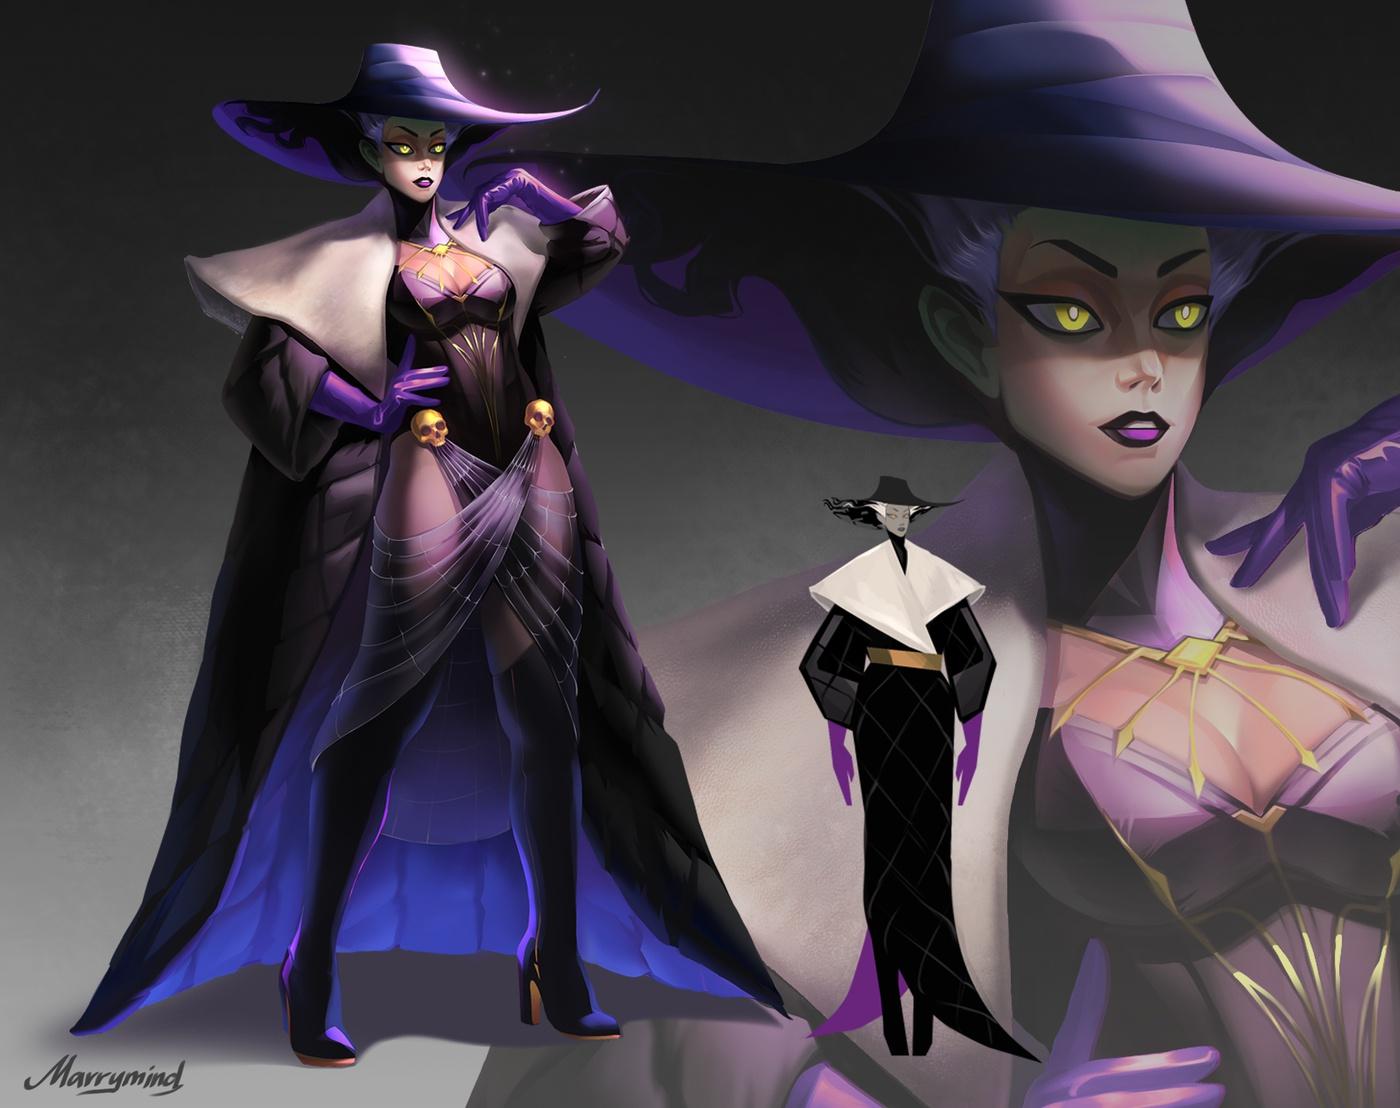 dark drama modern day witch regal hat 2d illustration